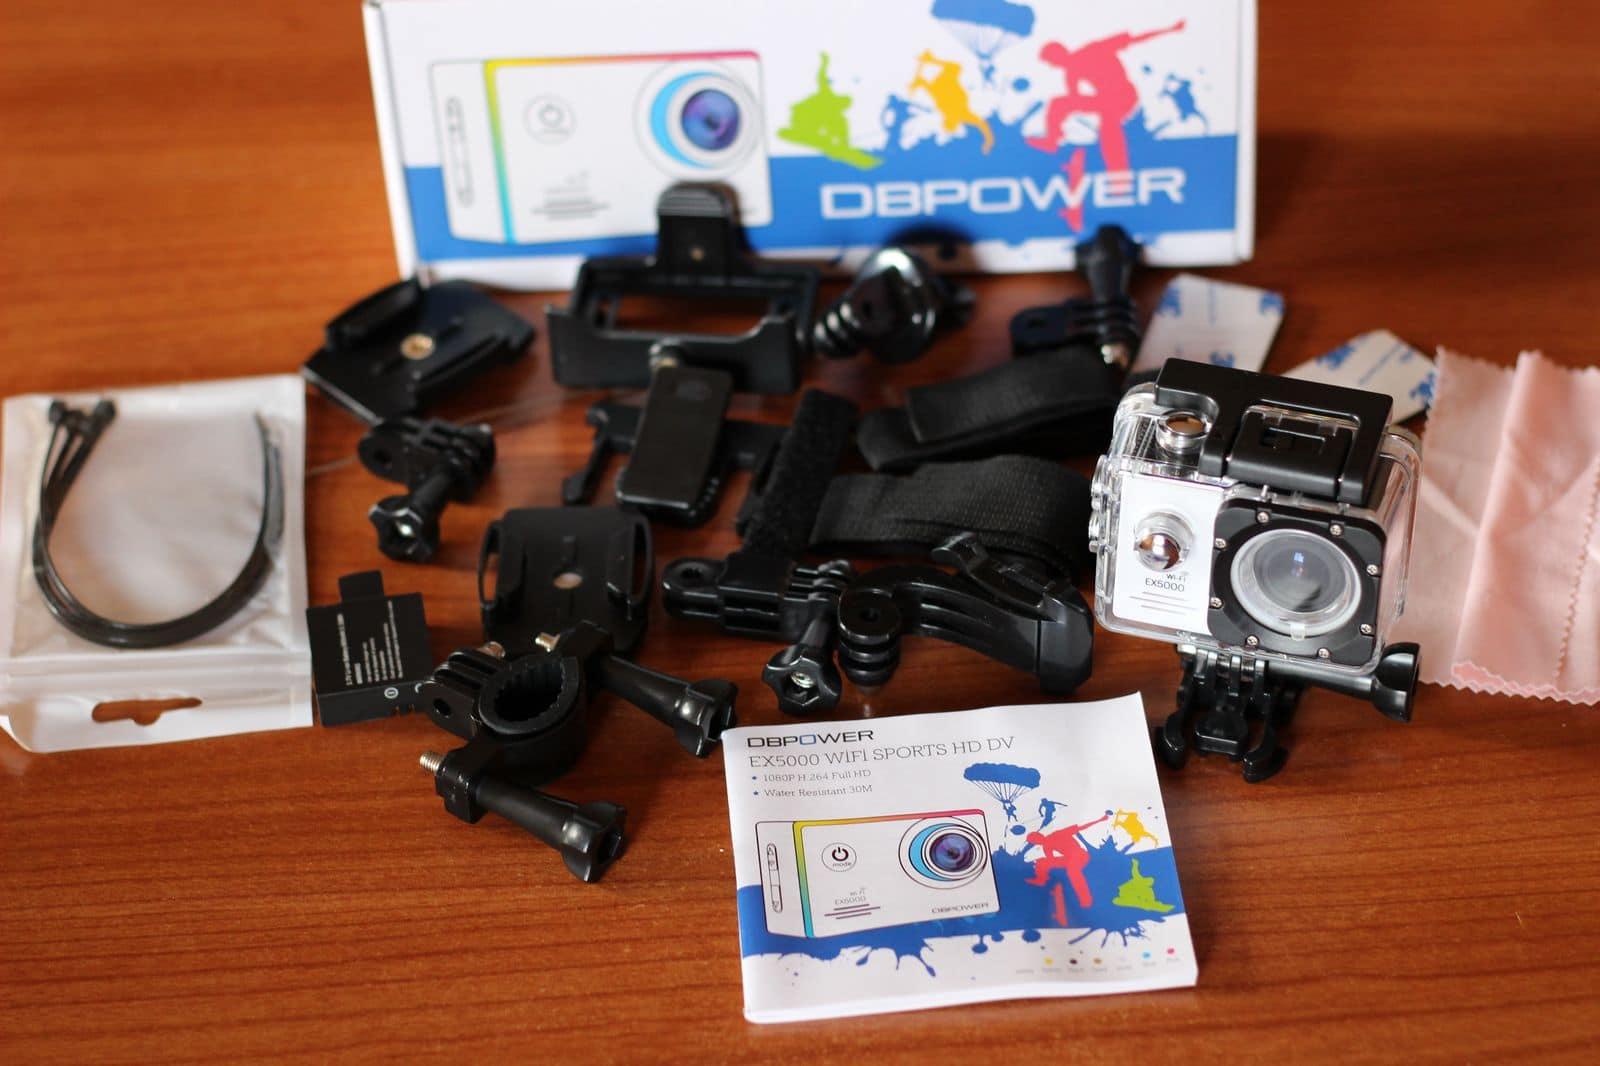 DBPOWER EX5000 White (2)